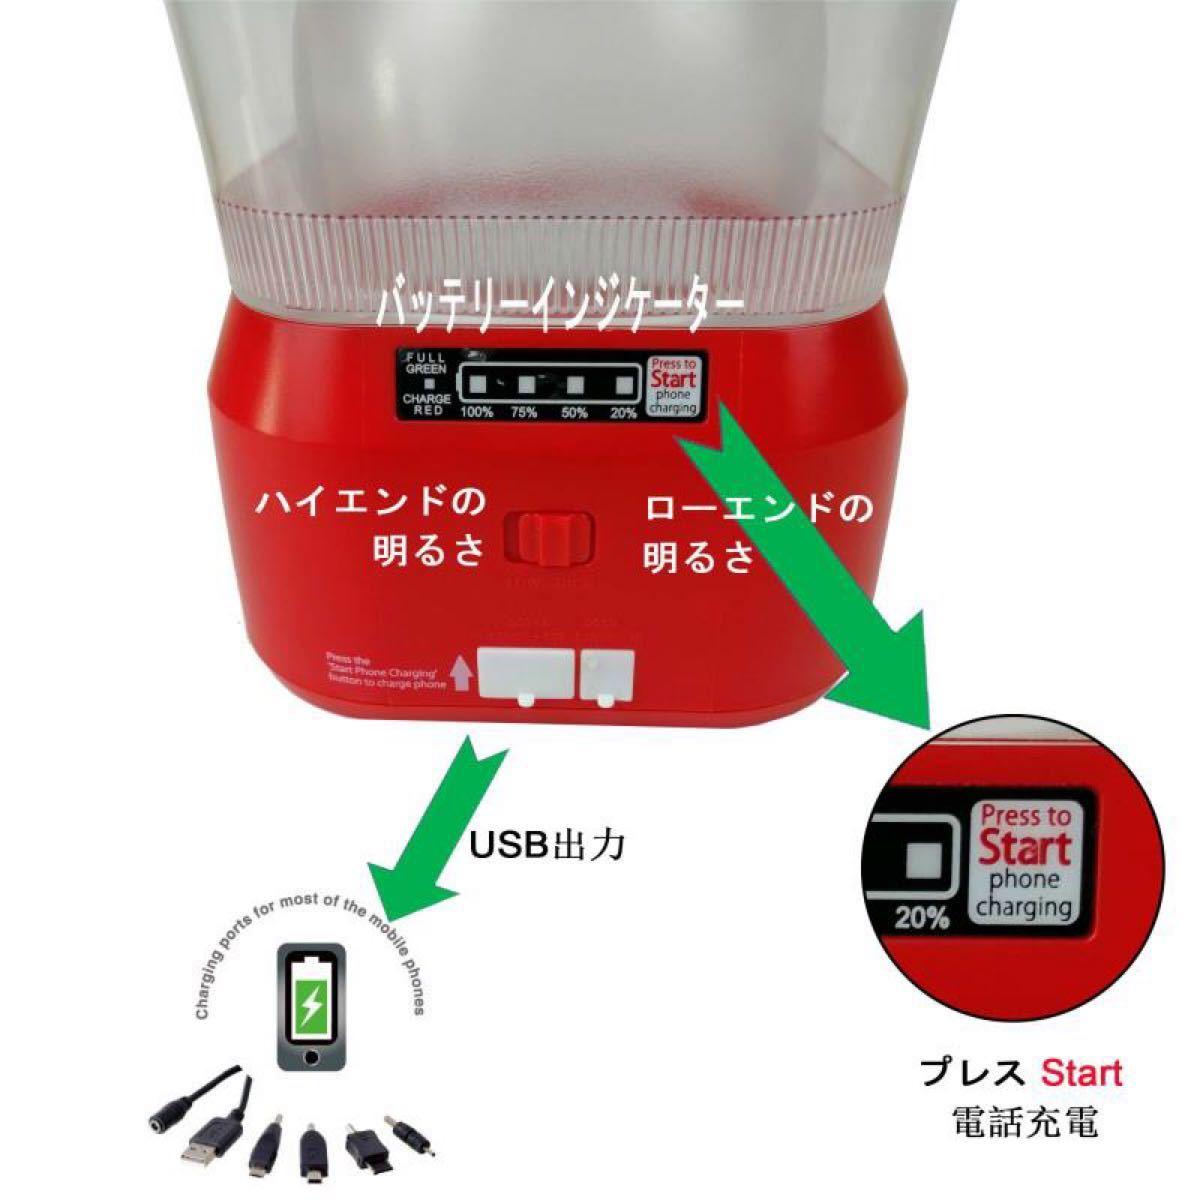 USB充電式灯 ソーラー式 キャンプランタン アウトドア用品 防災対策 停電 非常用